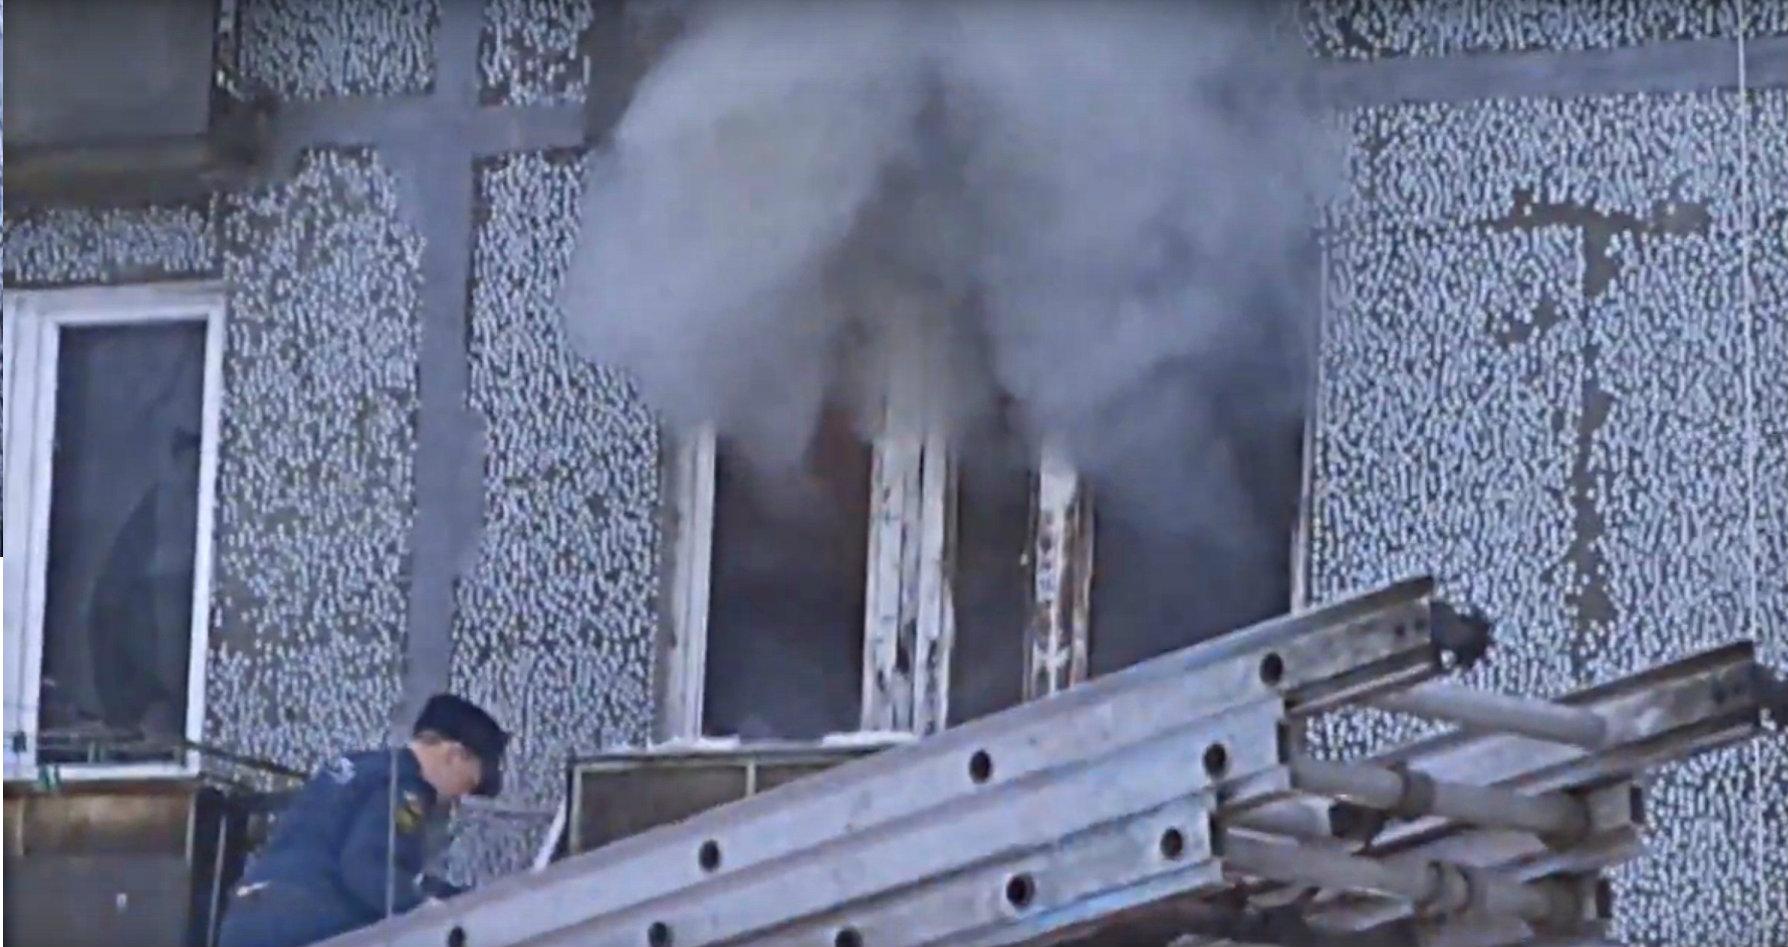 Следователи не исключают криминальную причину пожара в Сыктывкаре